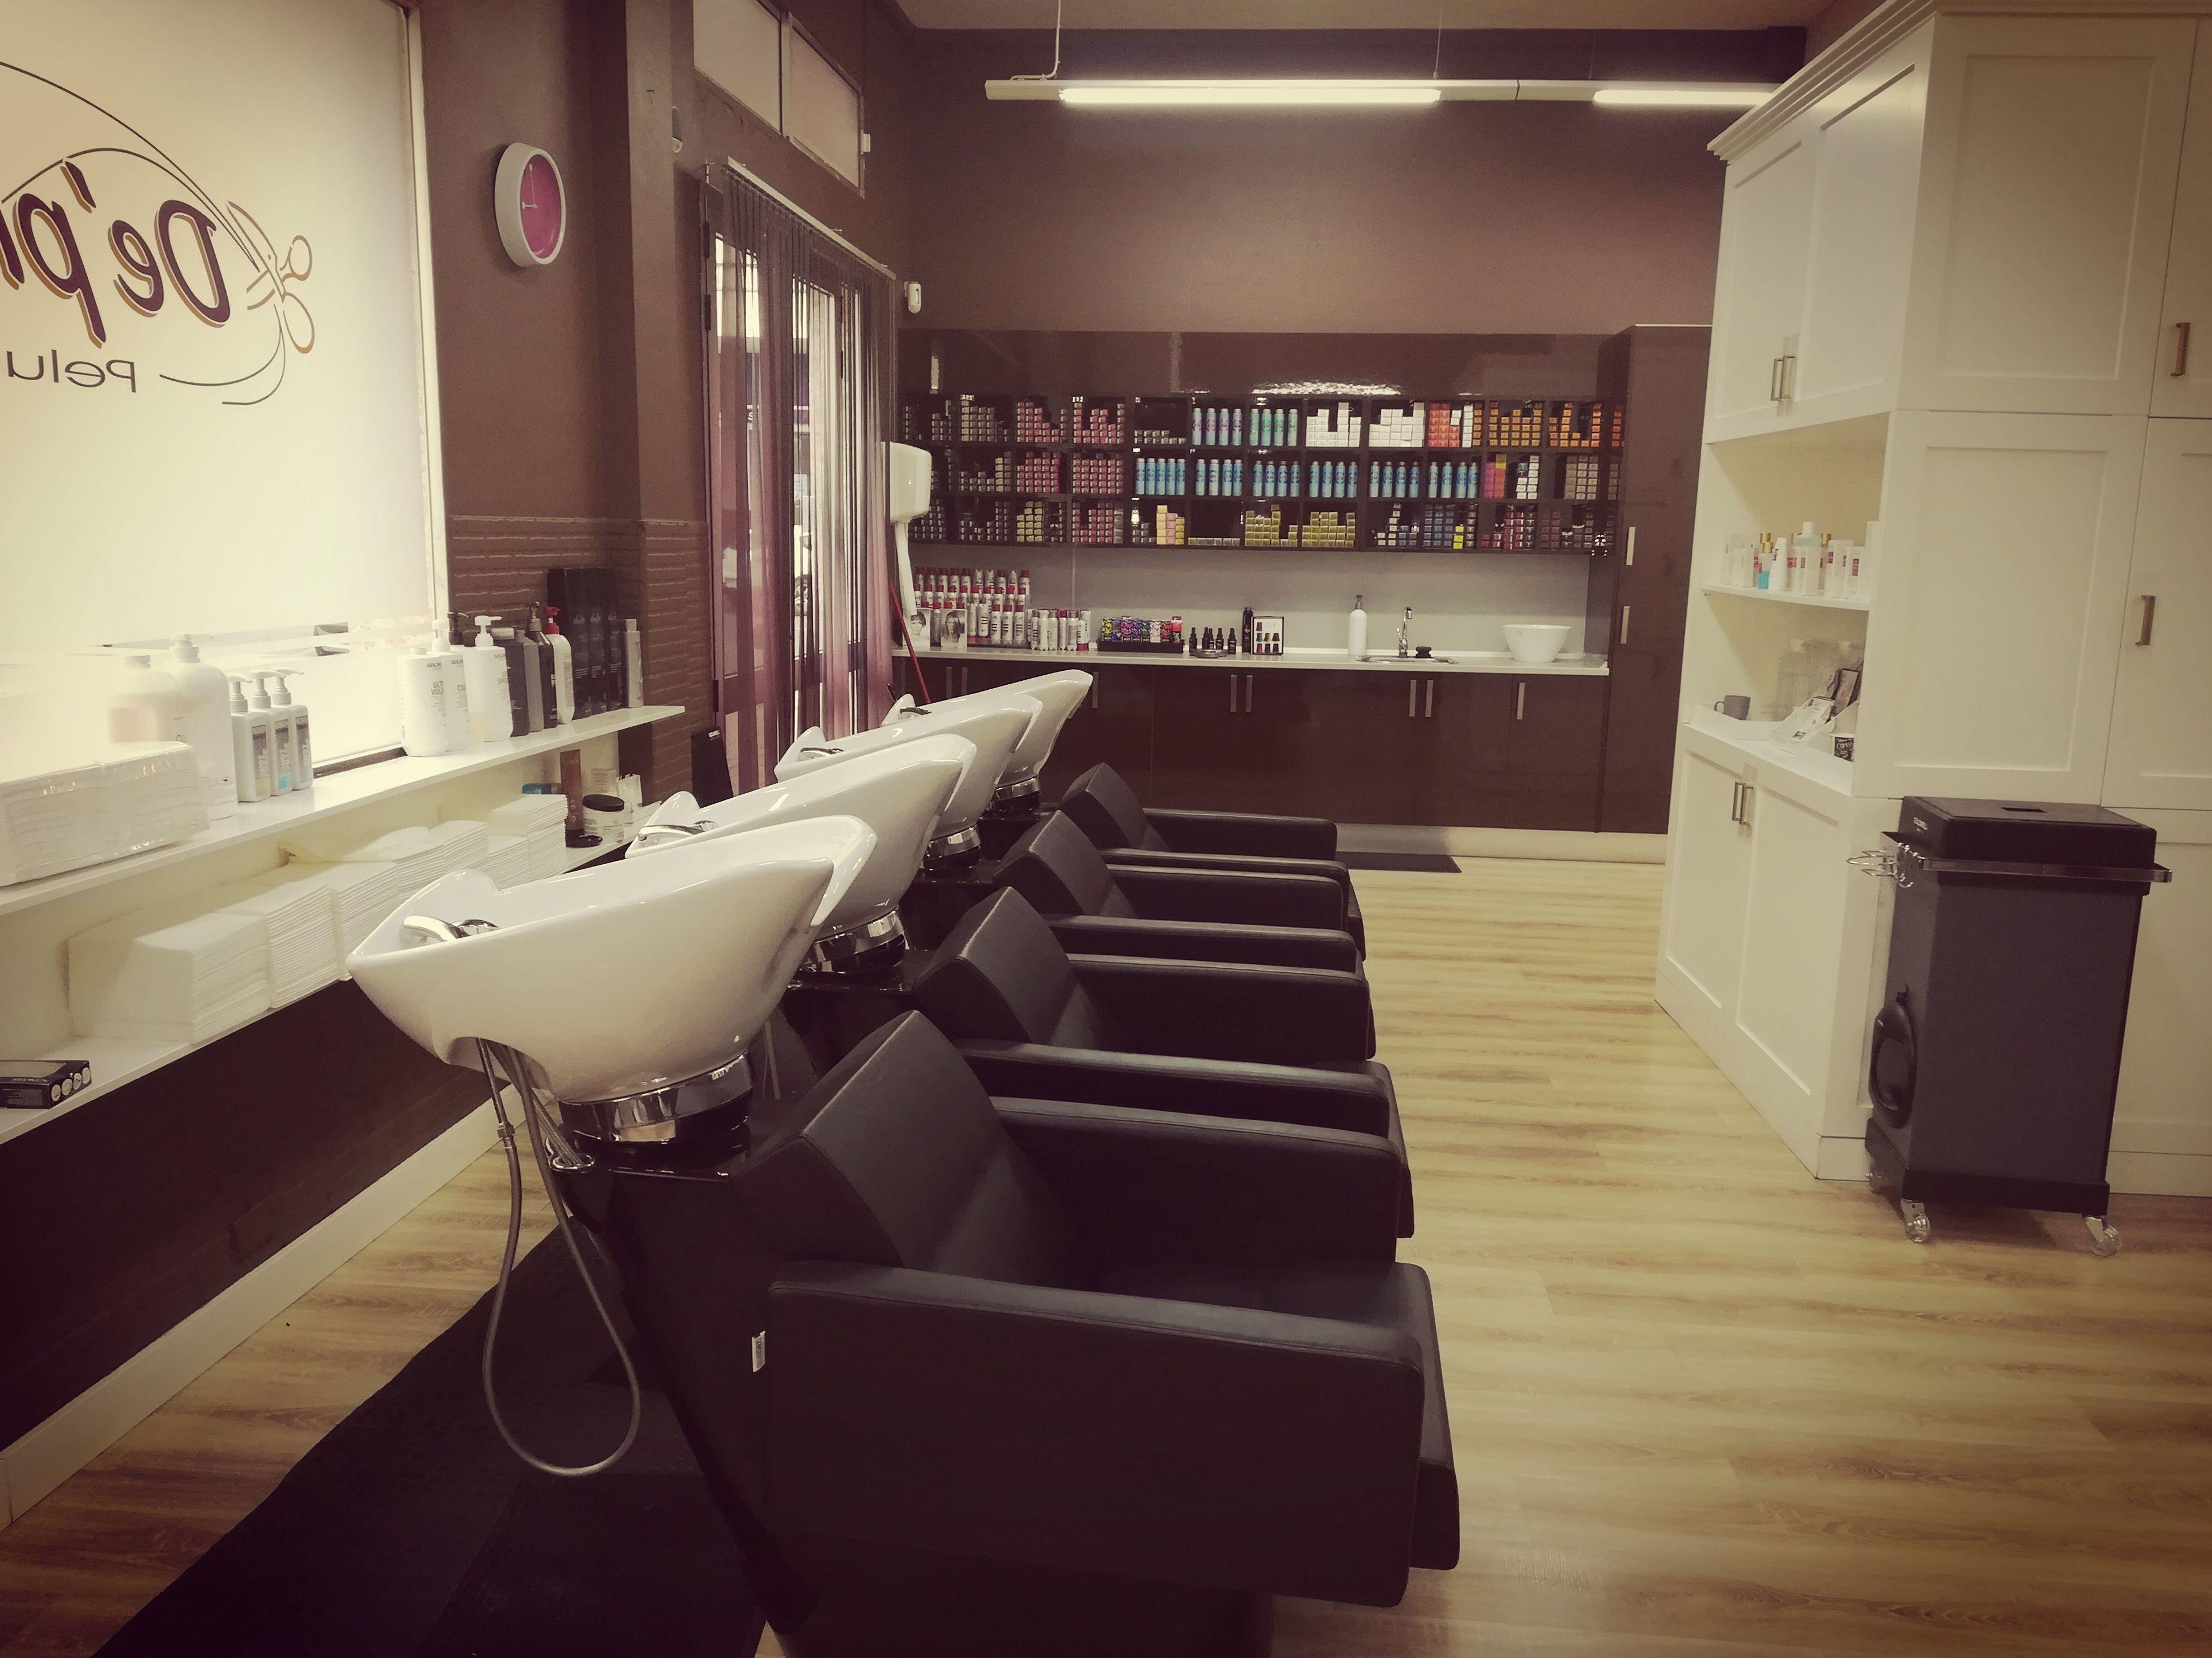 Foto 8 de Salón de belleza, peluquería y estética en Arucas | De´Pinie Peluquería